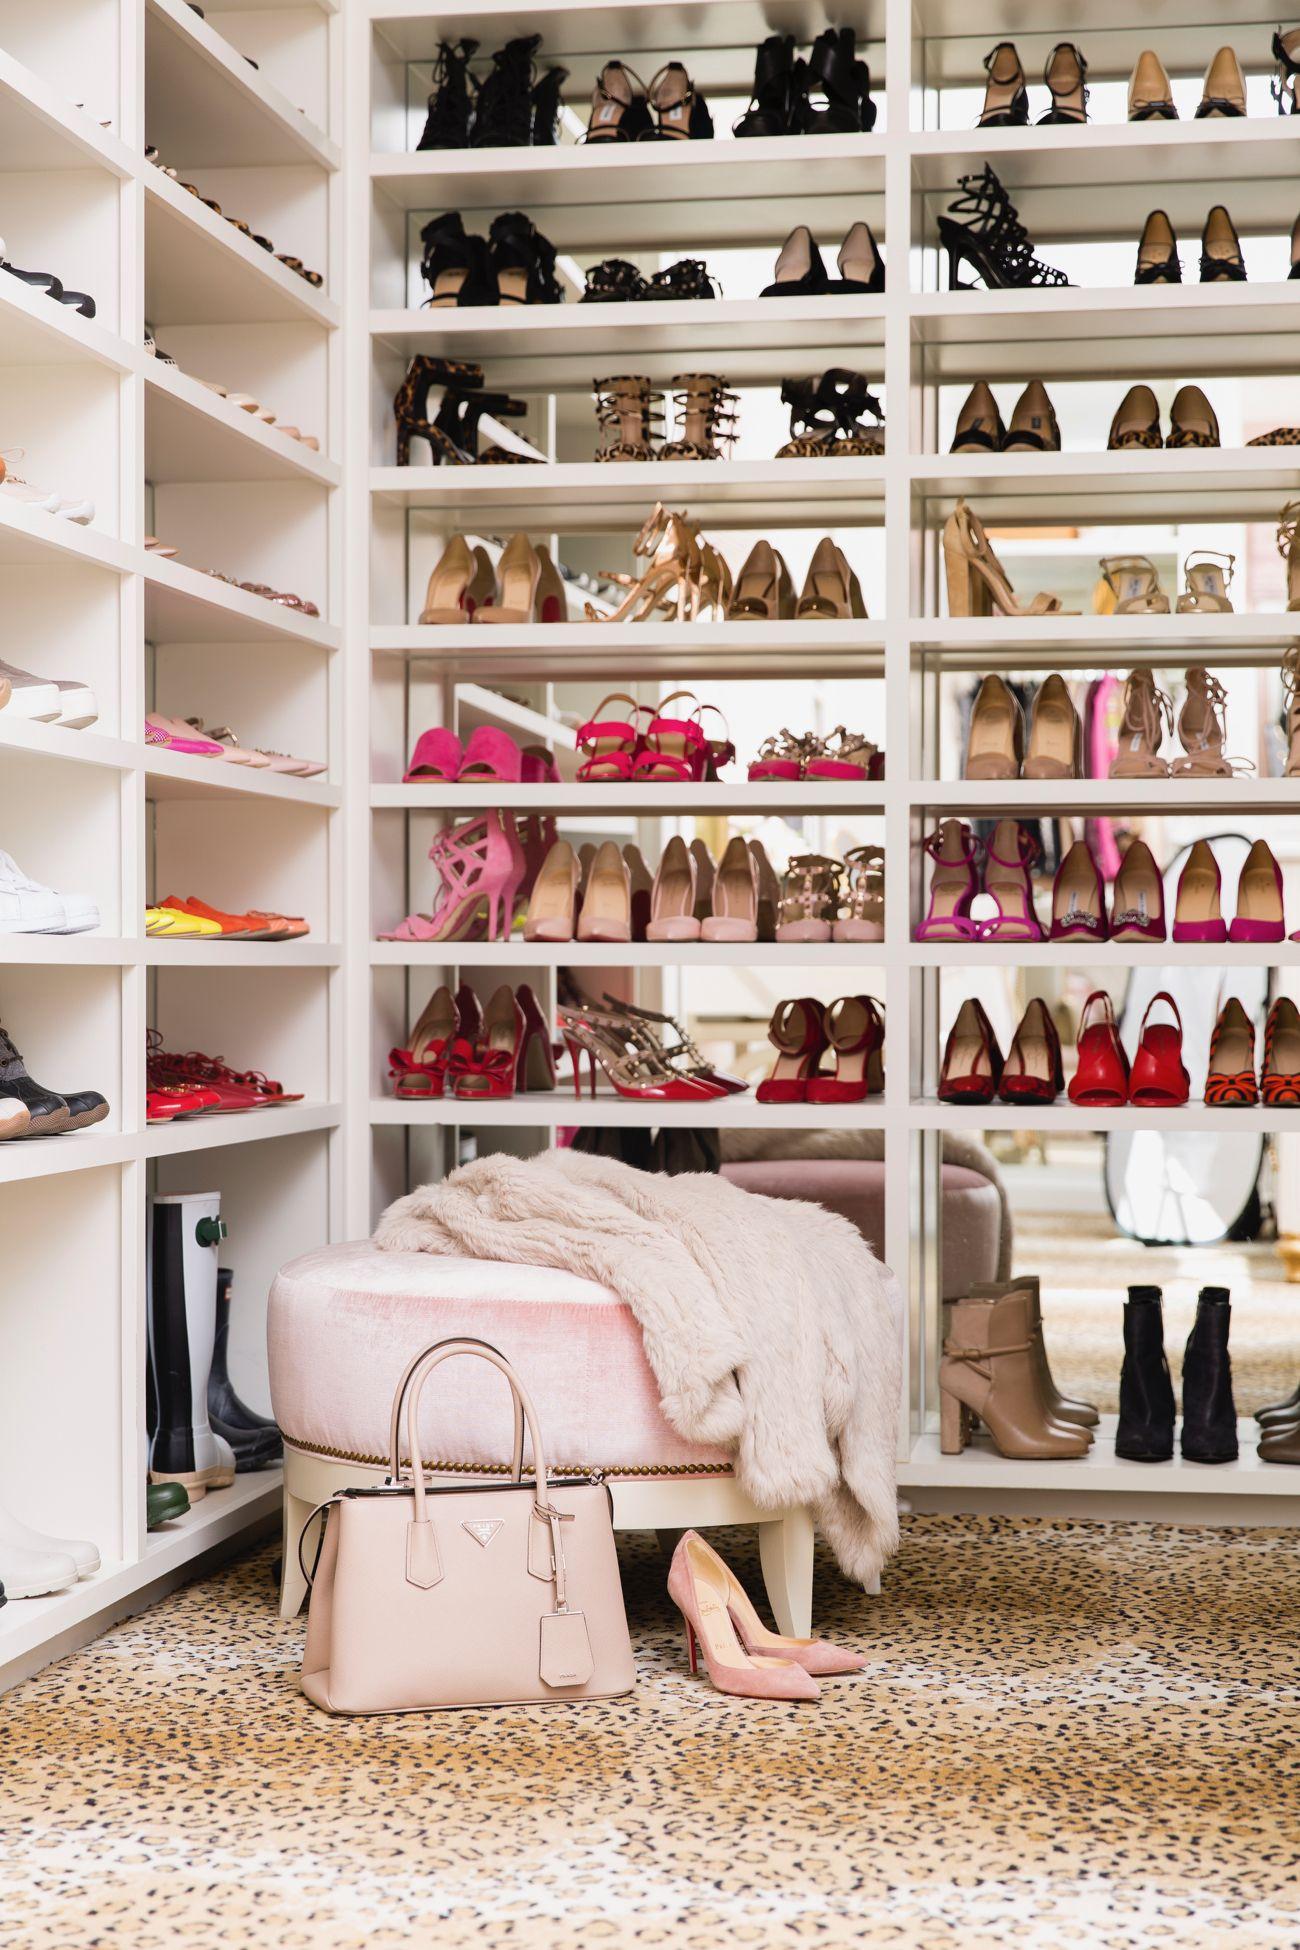 My Closet Revamp Closet Designs Walk In Closet Design Dream Closet Design